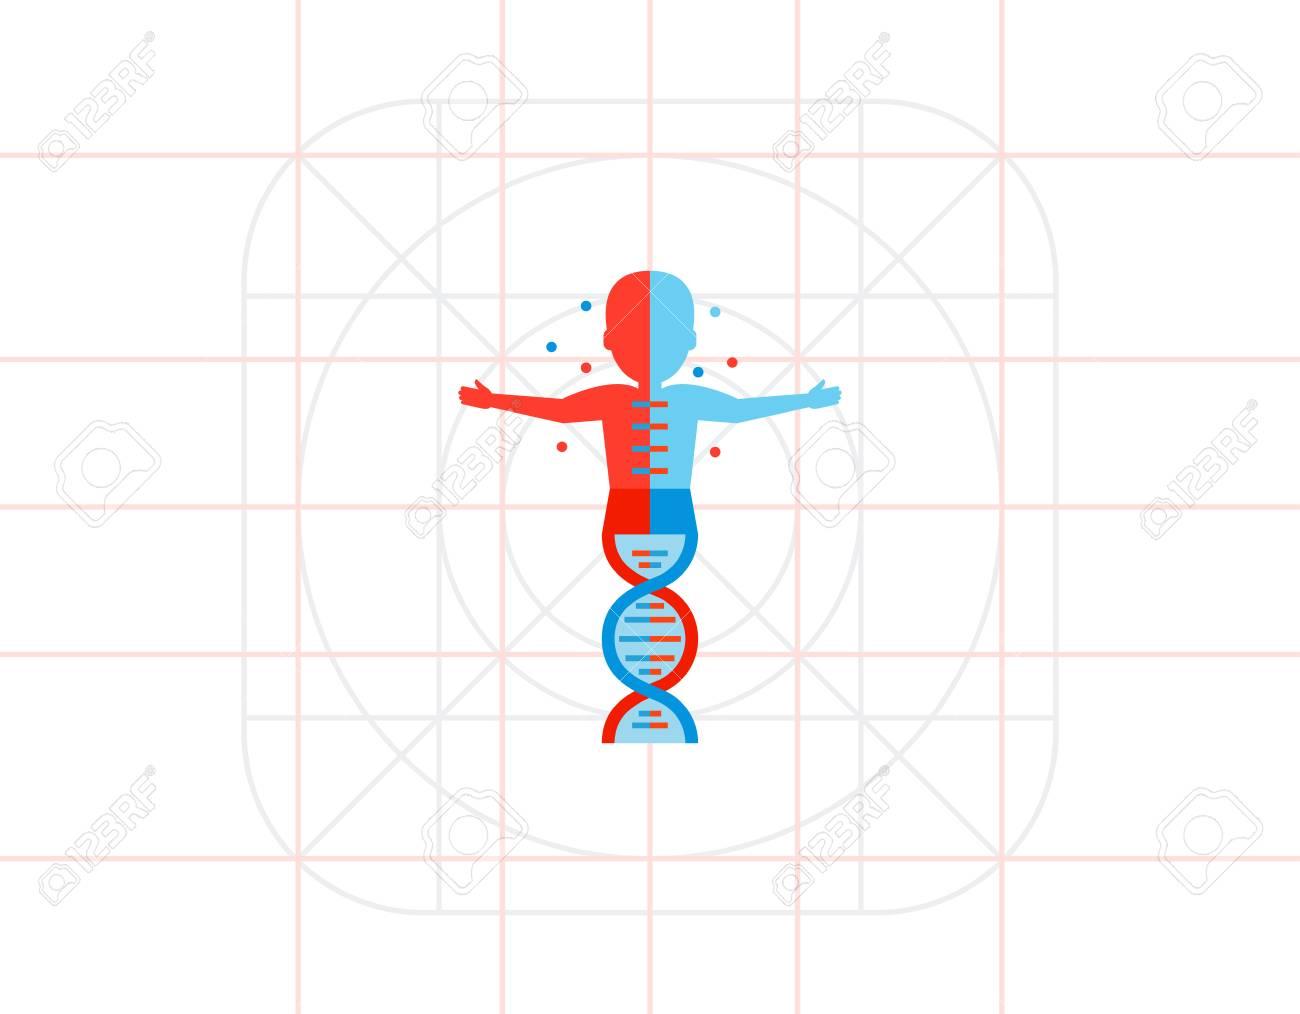 Silueta Humana Con La Molécula De Adn Anatomía La Escuela La Estructura De La Molécula Concepto De Anatomía Puede Ser Utilizado Para Temas Como